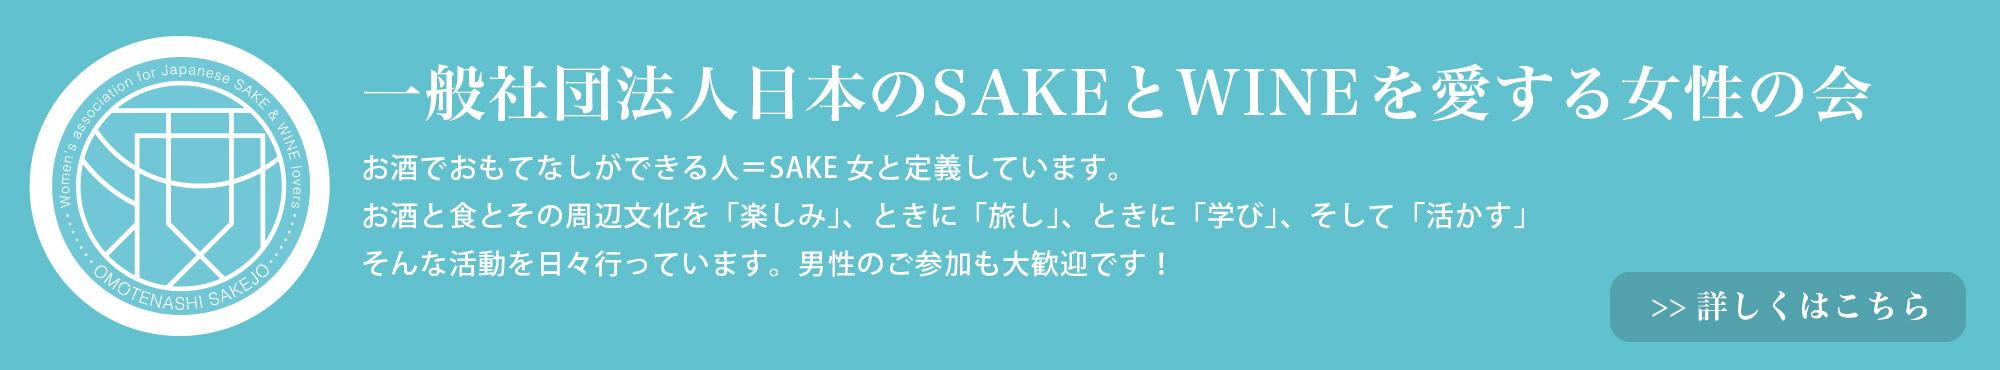 一般社団法人日本のSAKEとWINEを愛する女性の会